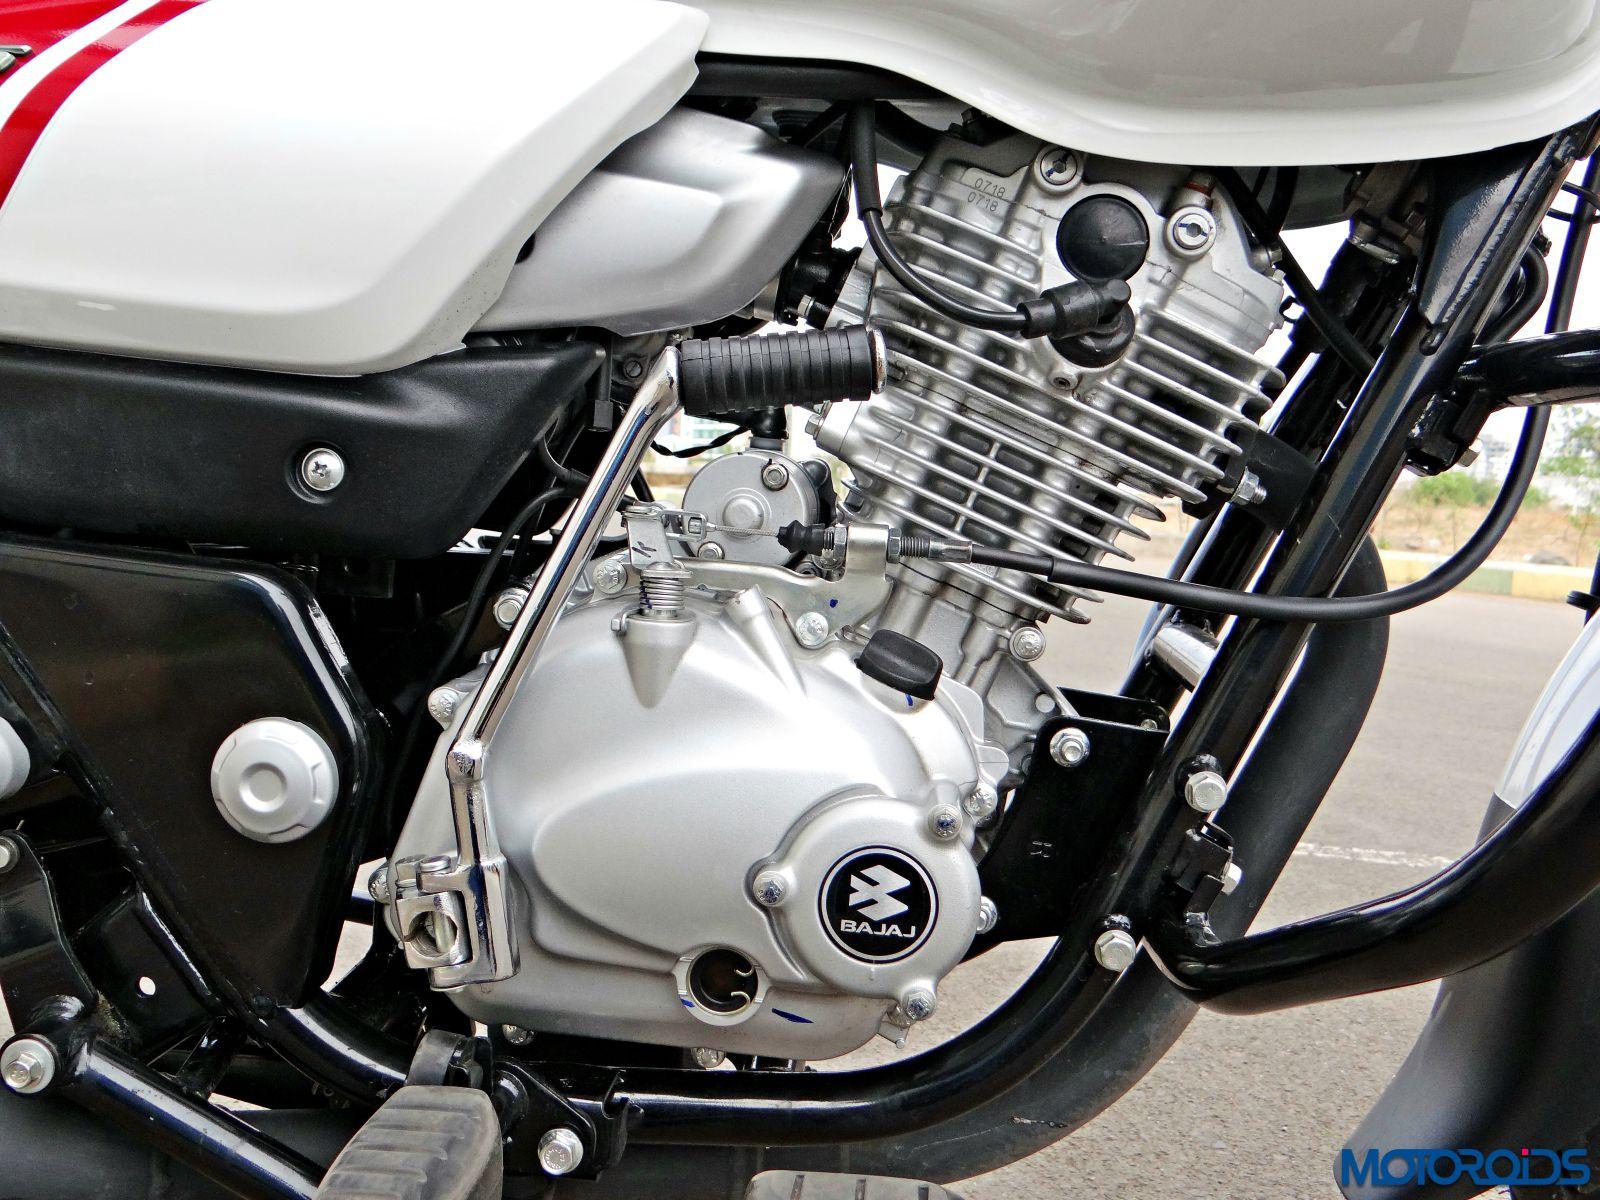 Bajaj V15 - Review - Details - Engine (2)